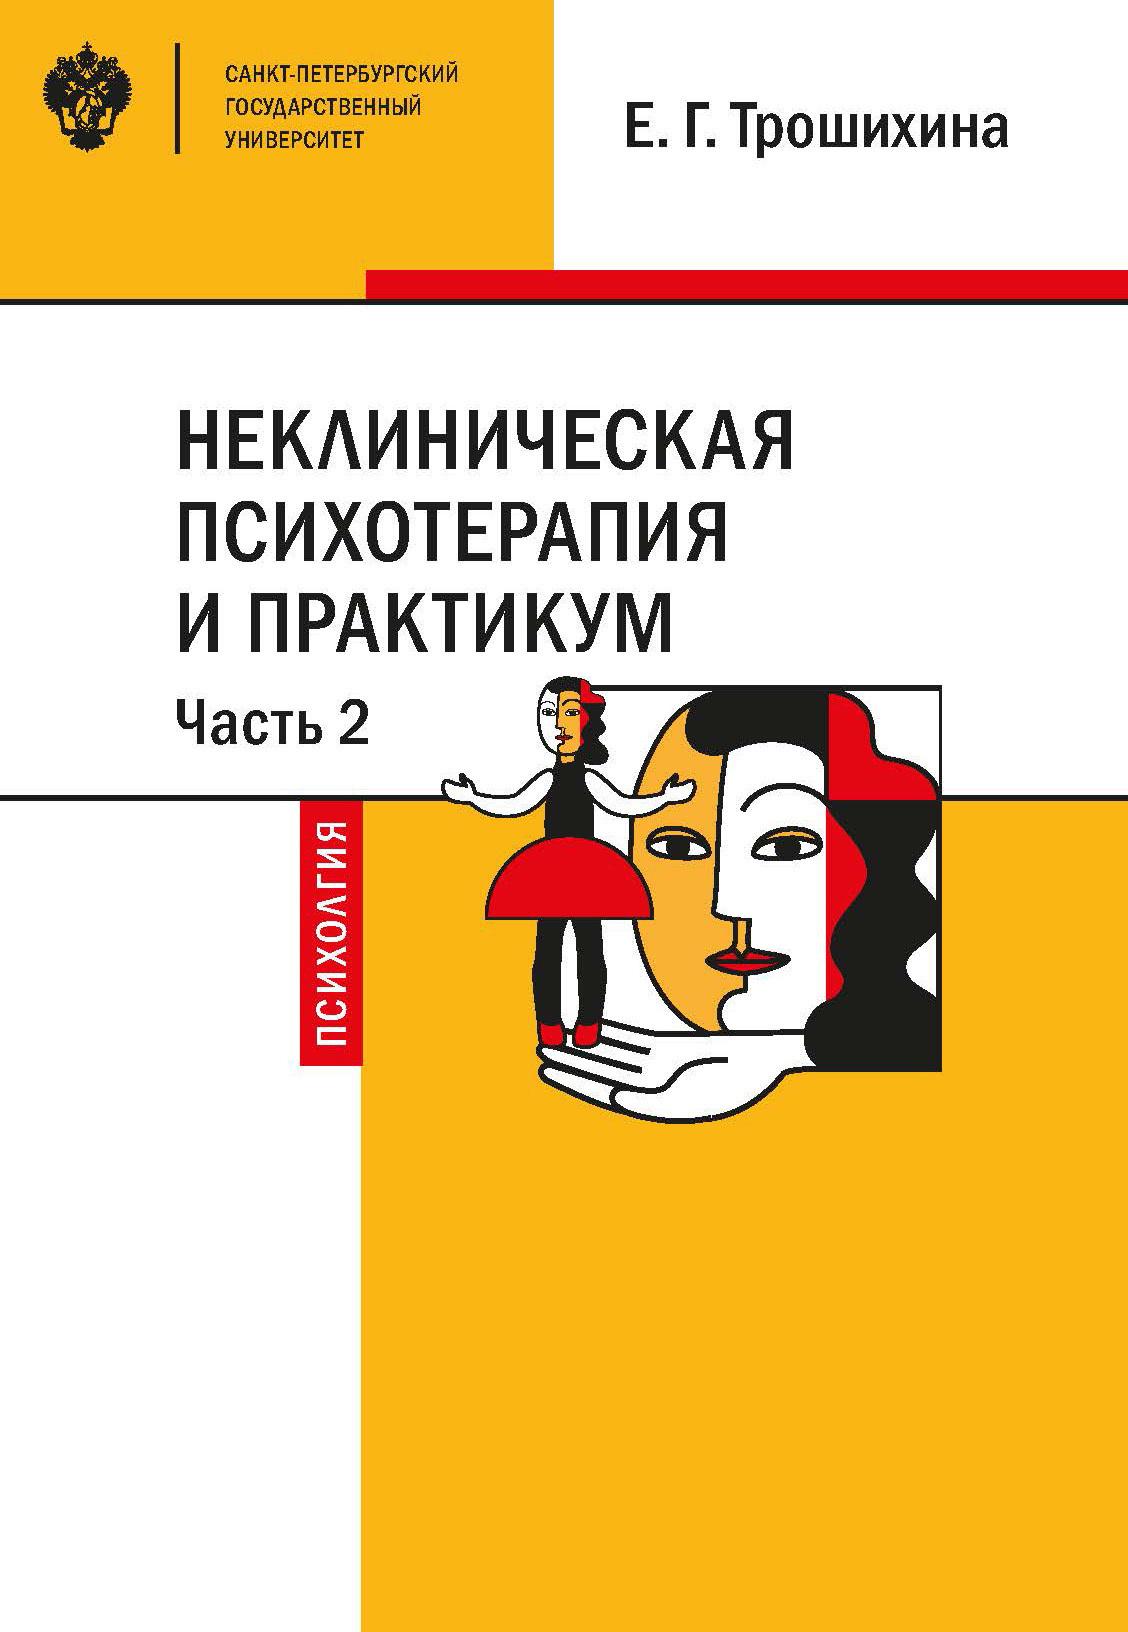 Неклиническая психотерапия и практикум. Часть 2